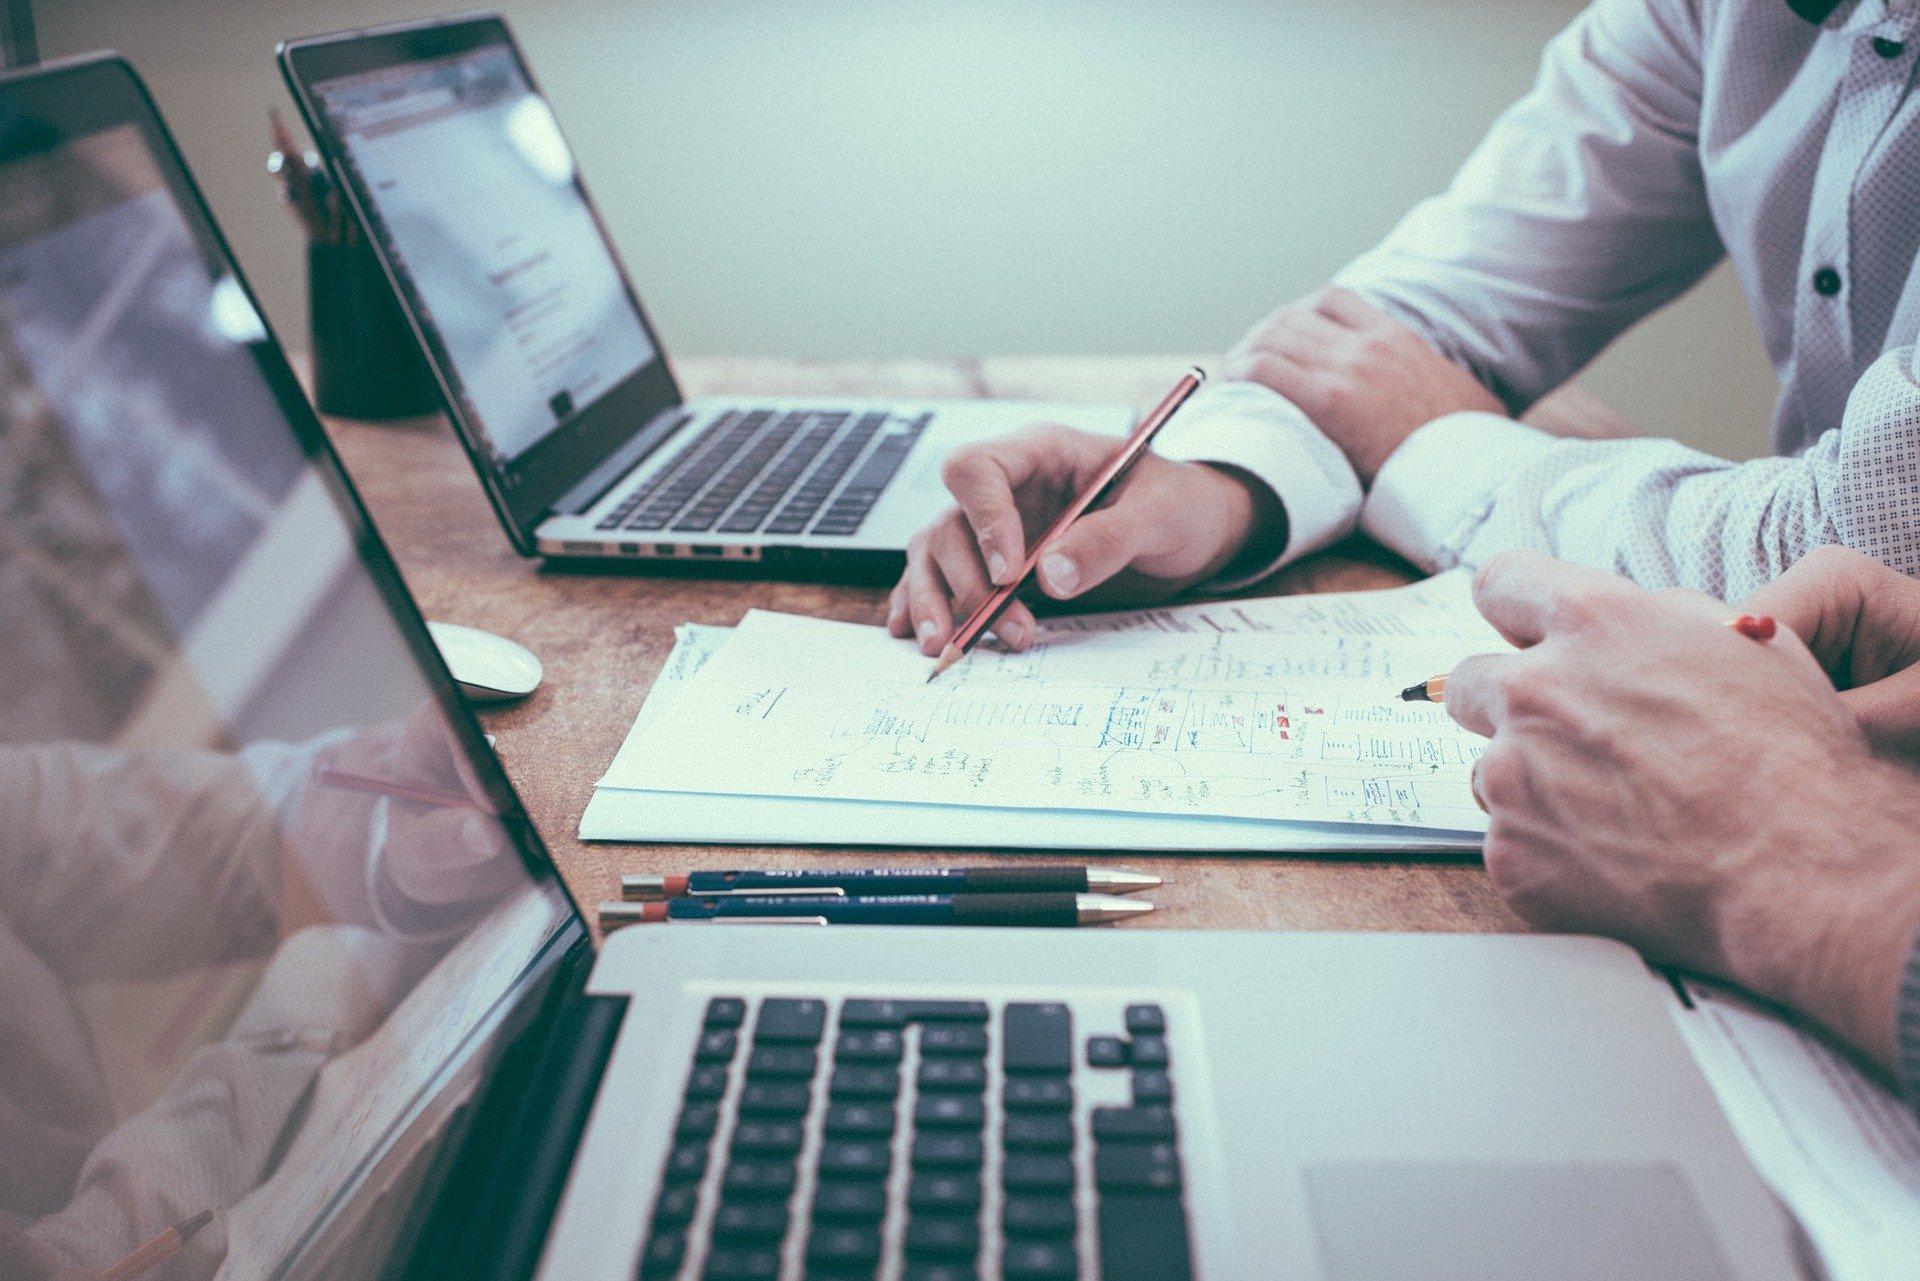 Richtlinie für die Förderung von Beratungsleistungen von kleinen und mittleren Betrieben (KMU) zur Gestaltung einer mitarbeiterorientierten und zukunftsgerechten Personalpolitik unter Einbeziehung ihrer Beschäftigten